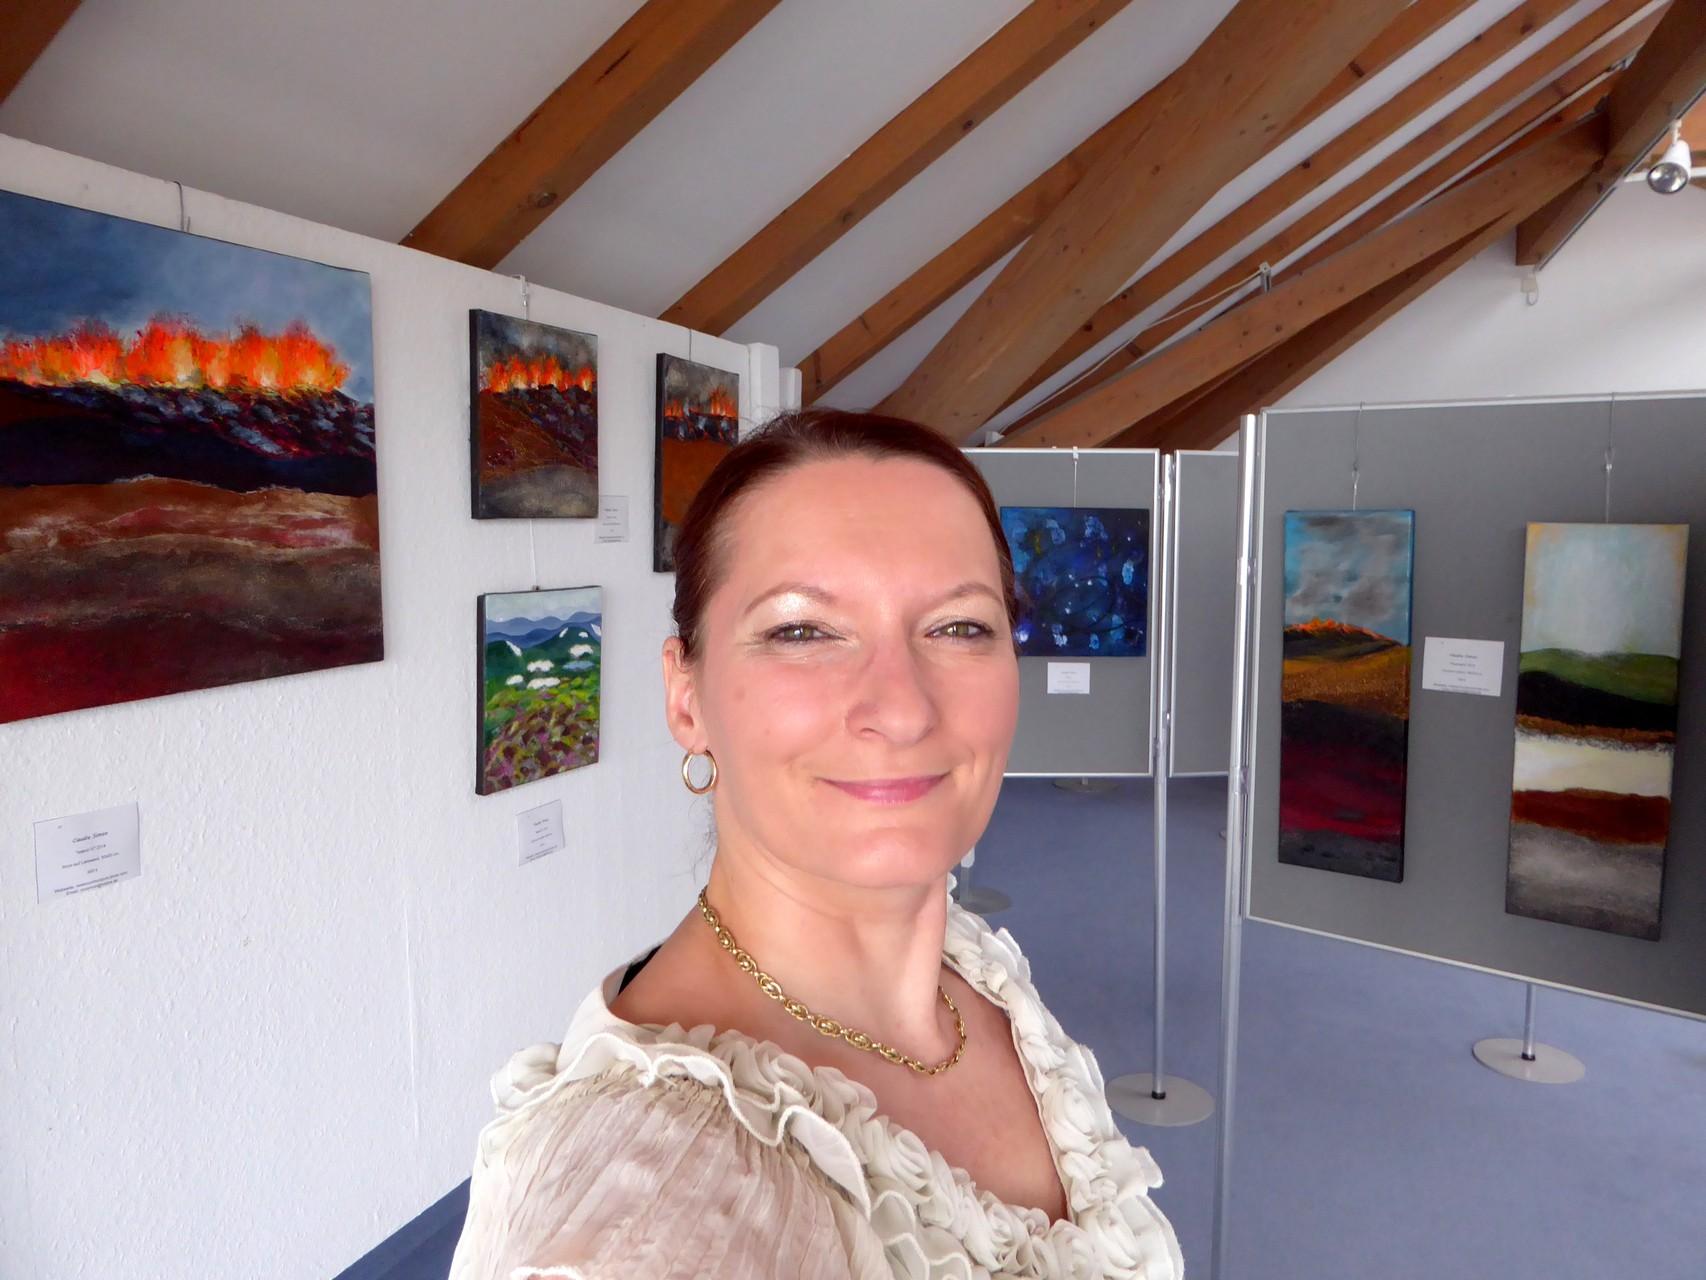 """Farbenfrohe """"Islandbilder"""", Vukanausbrüche und Geysire"""